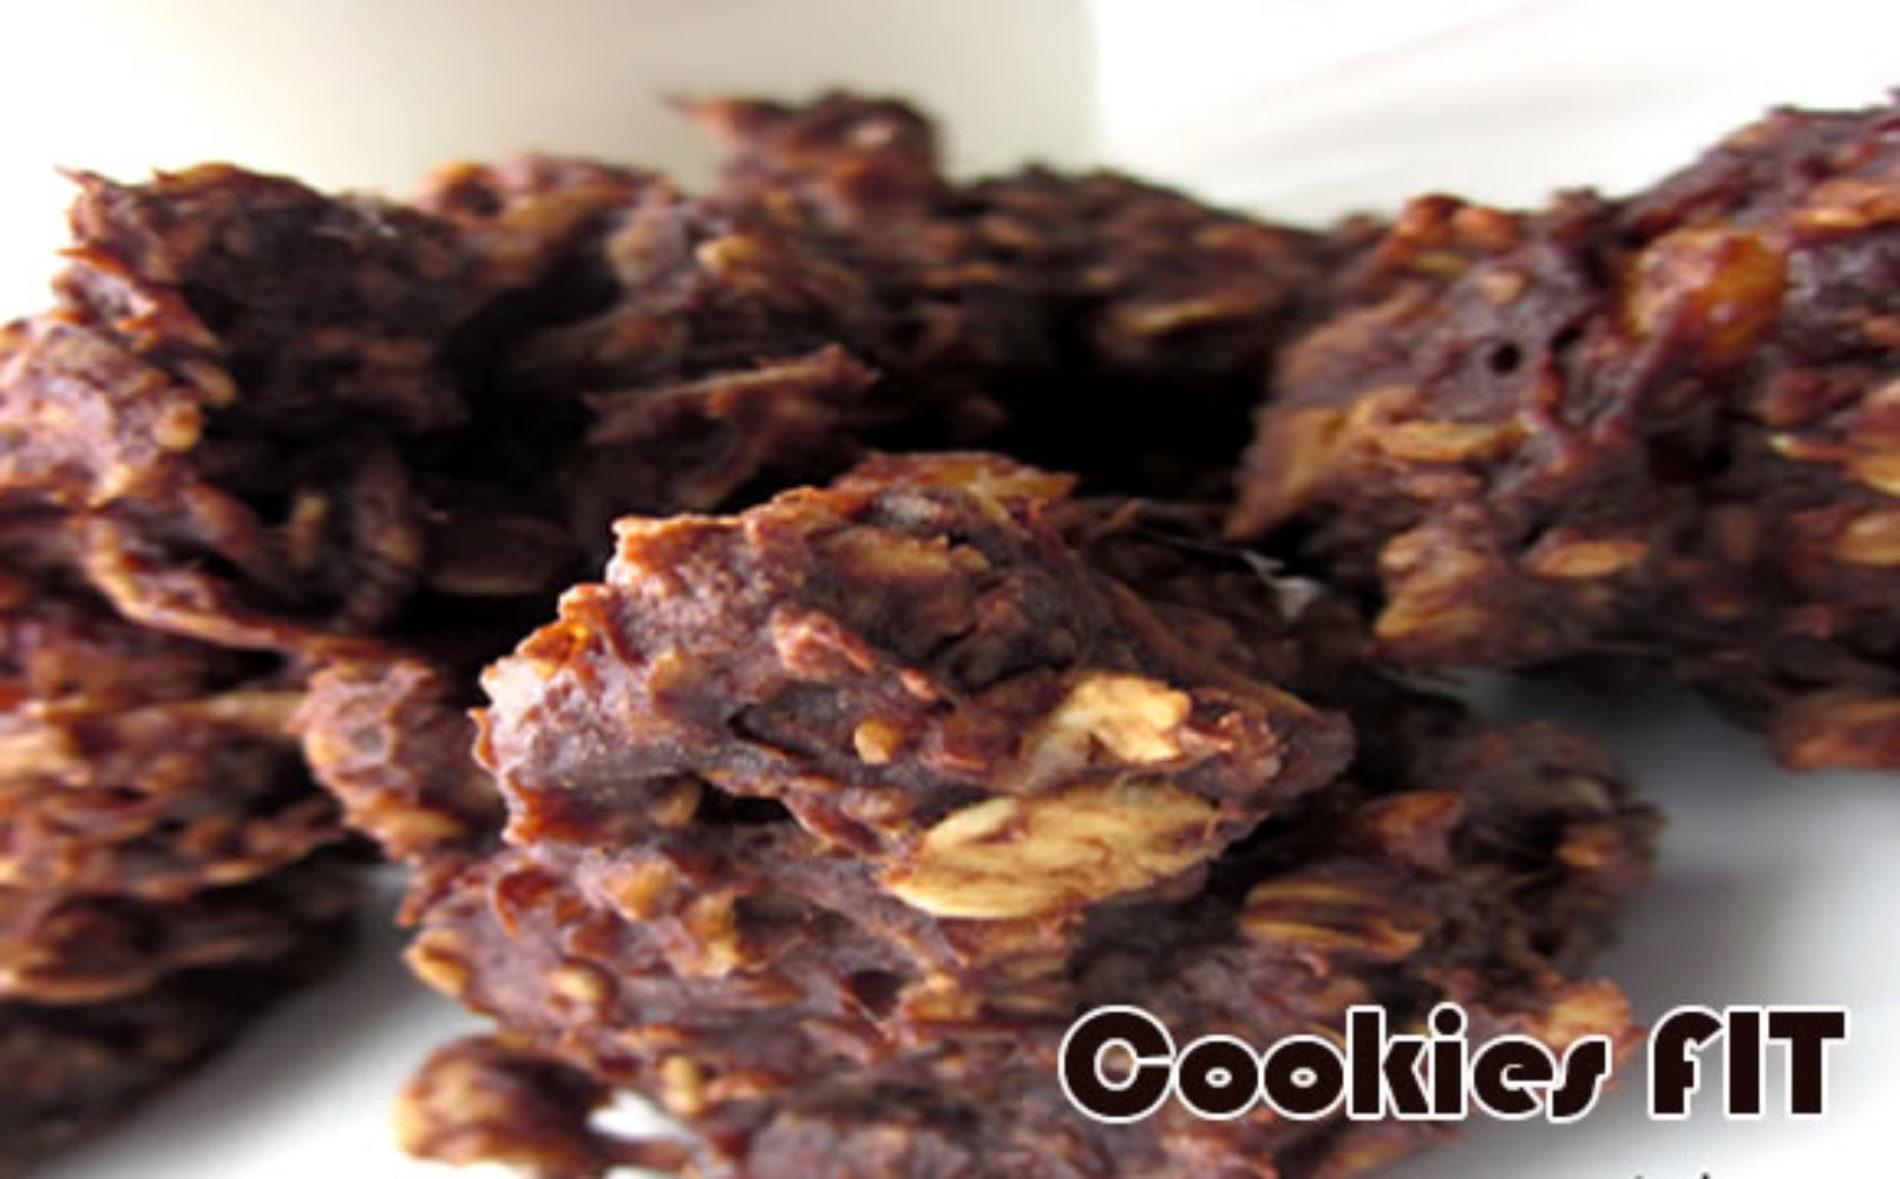 Receita de cookies FIT com amêndoas